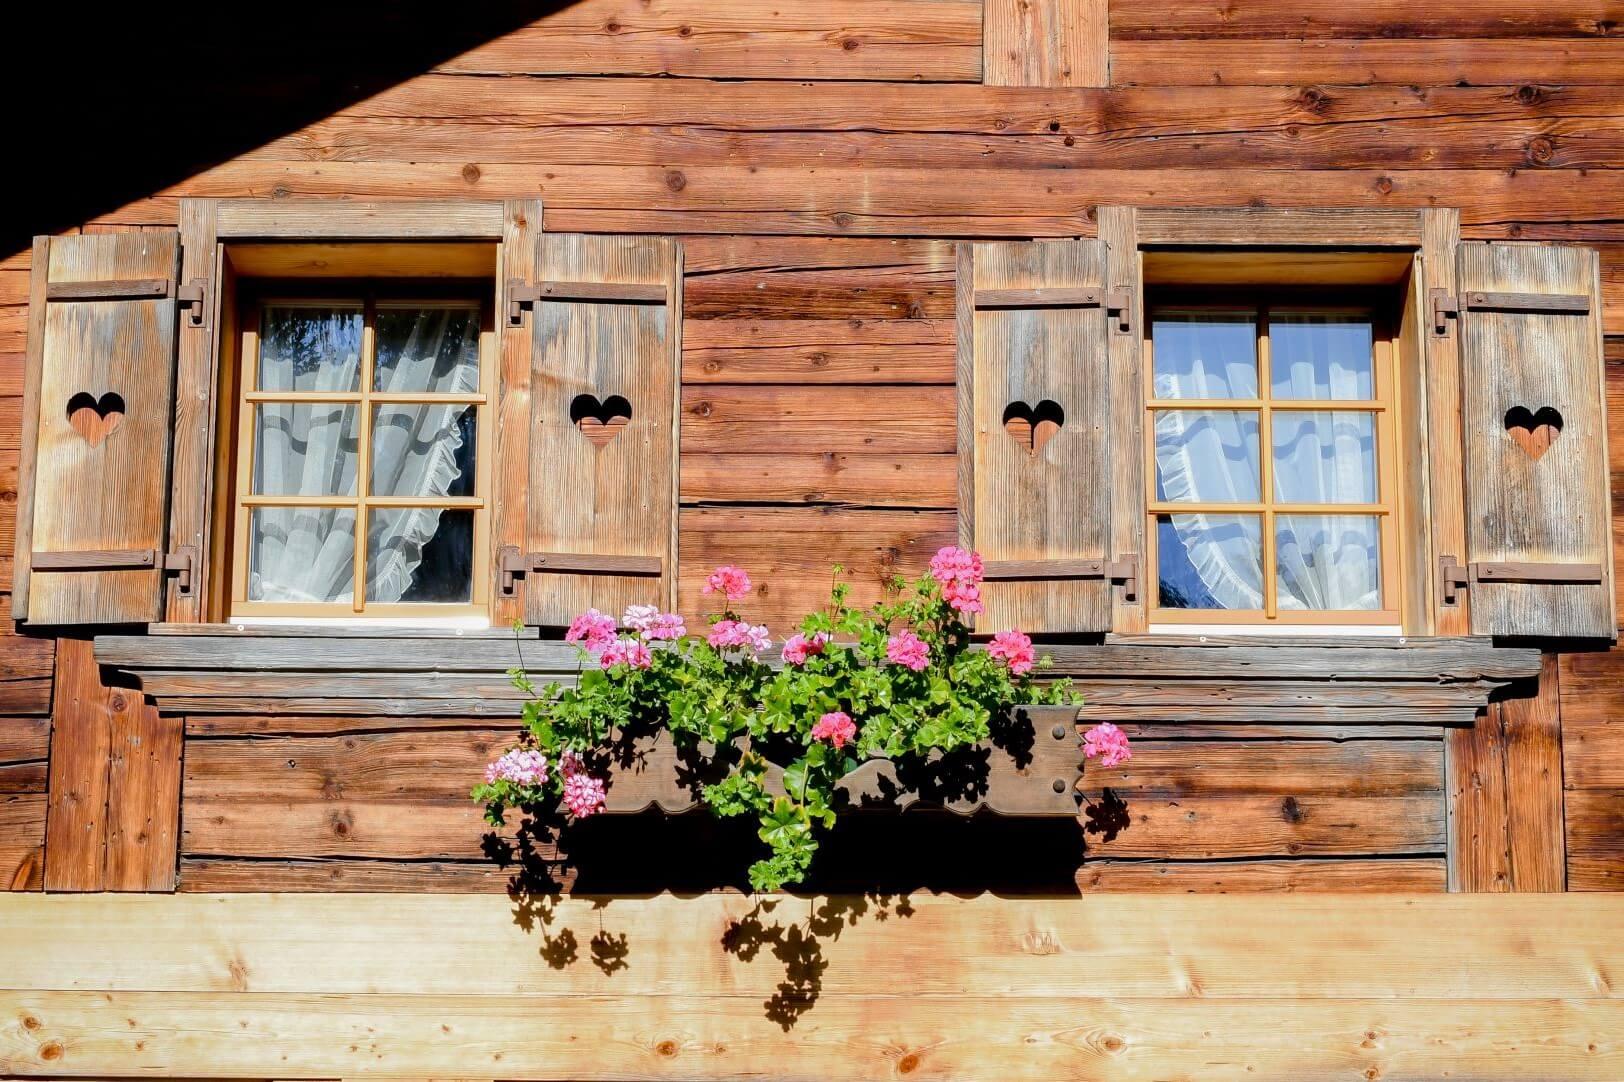 Fensterfront mit Geranien